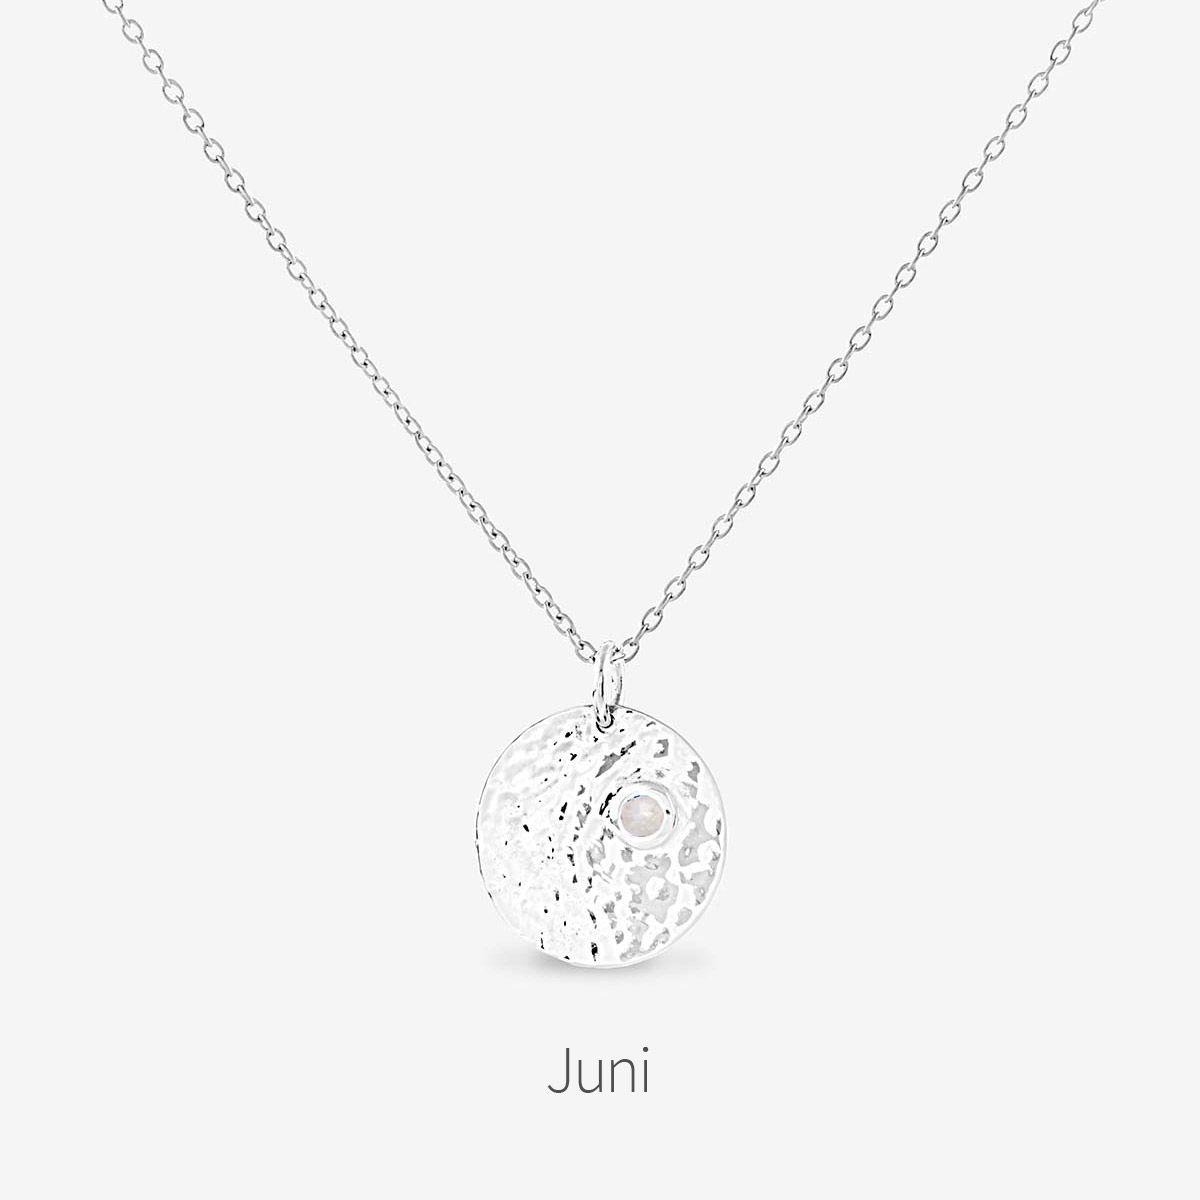 Birthstone June - Halsketten - Silber